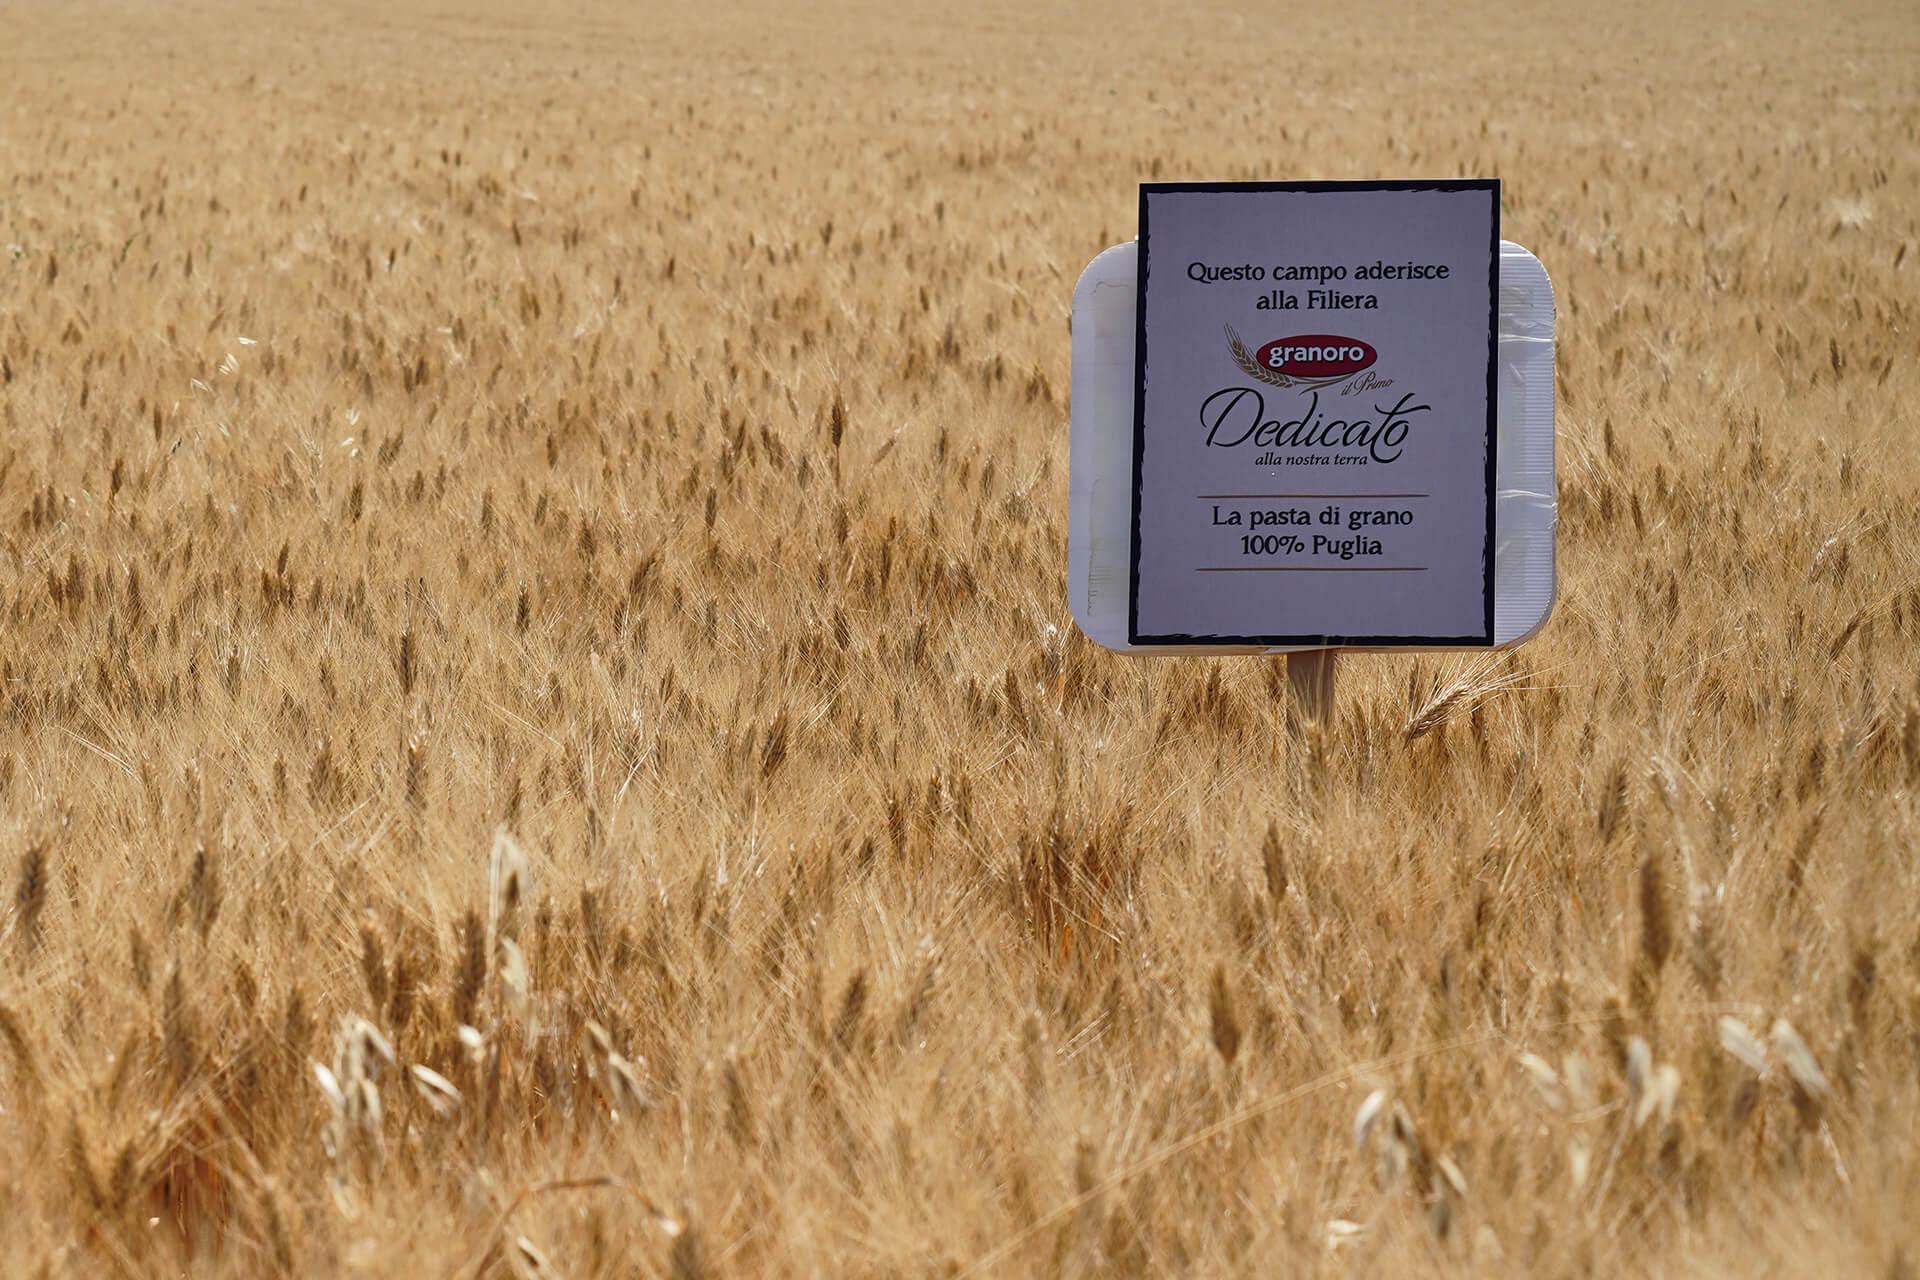 Campo di grano della filiera Dedicato